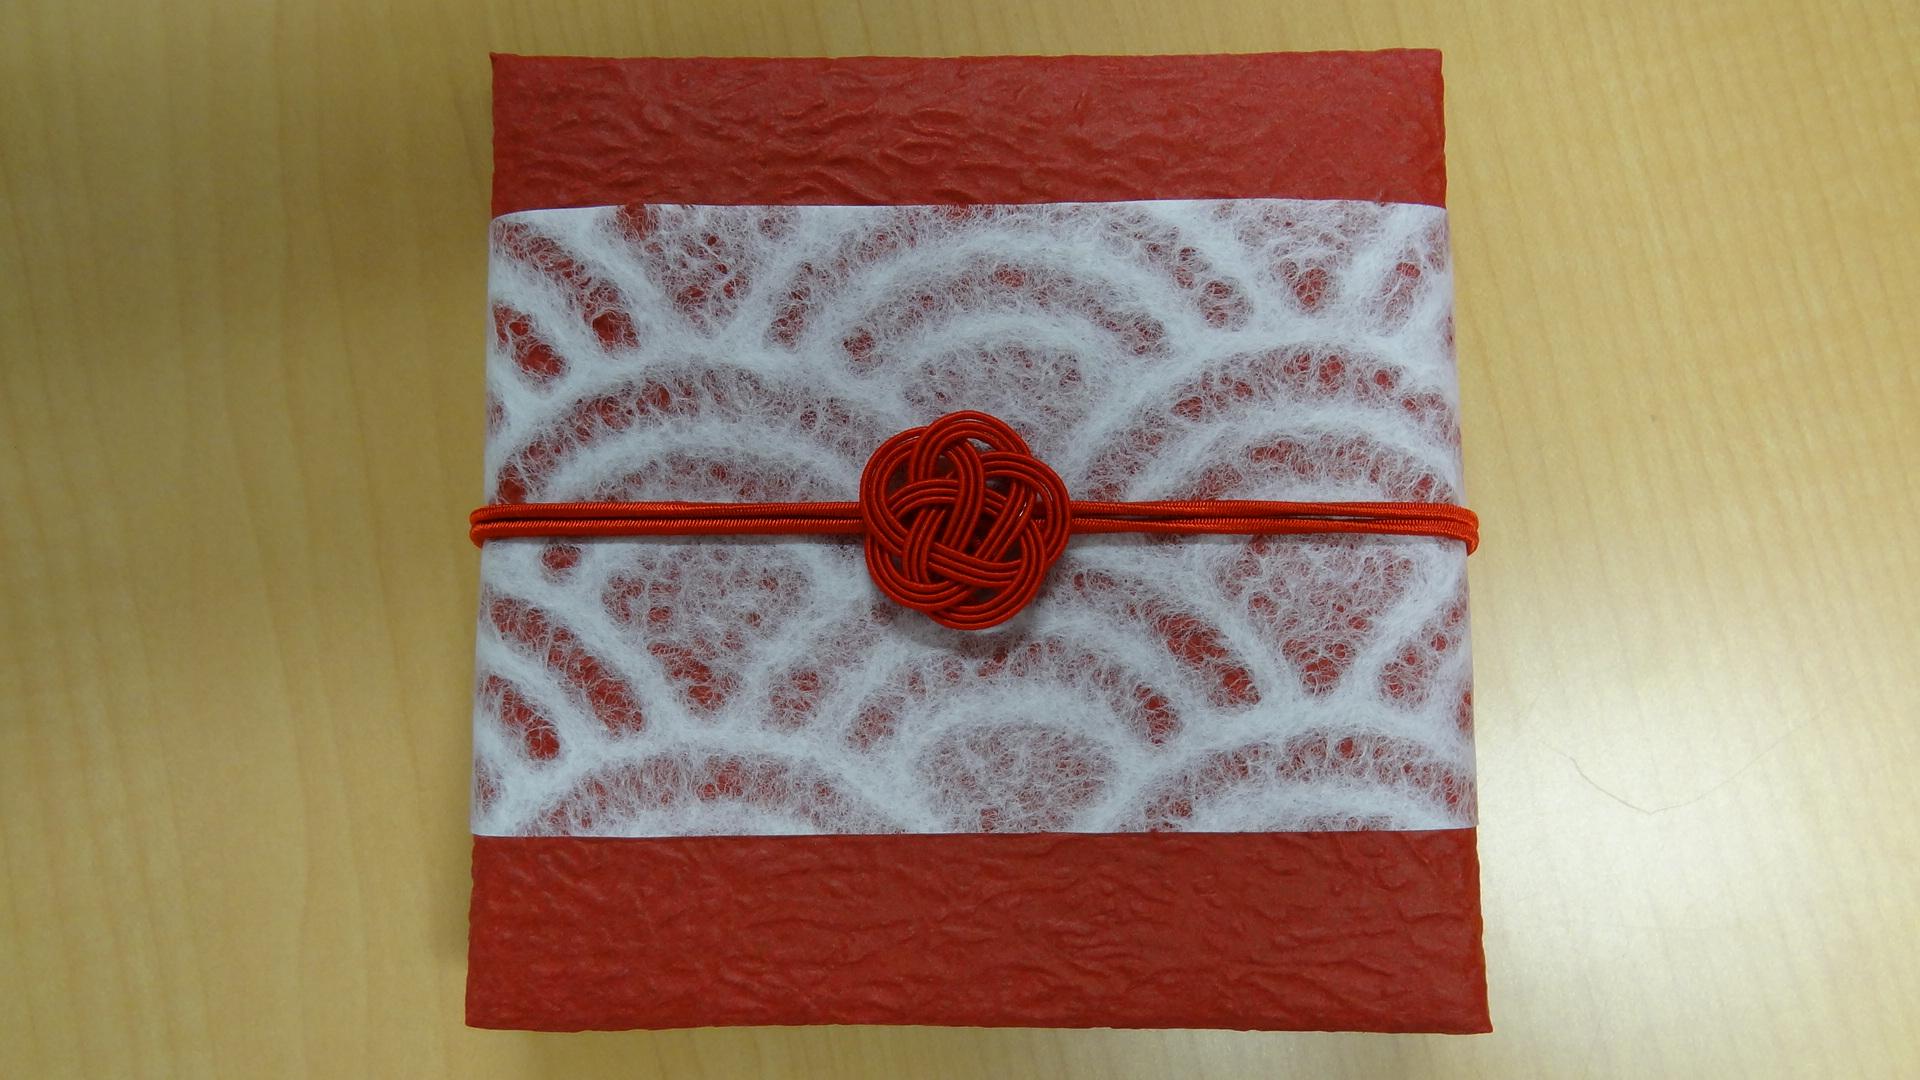 水引3本梅結び(ゴム紐付)の祝賀会の記念品に利用|プレゼント用和風ラッピング